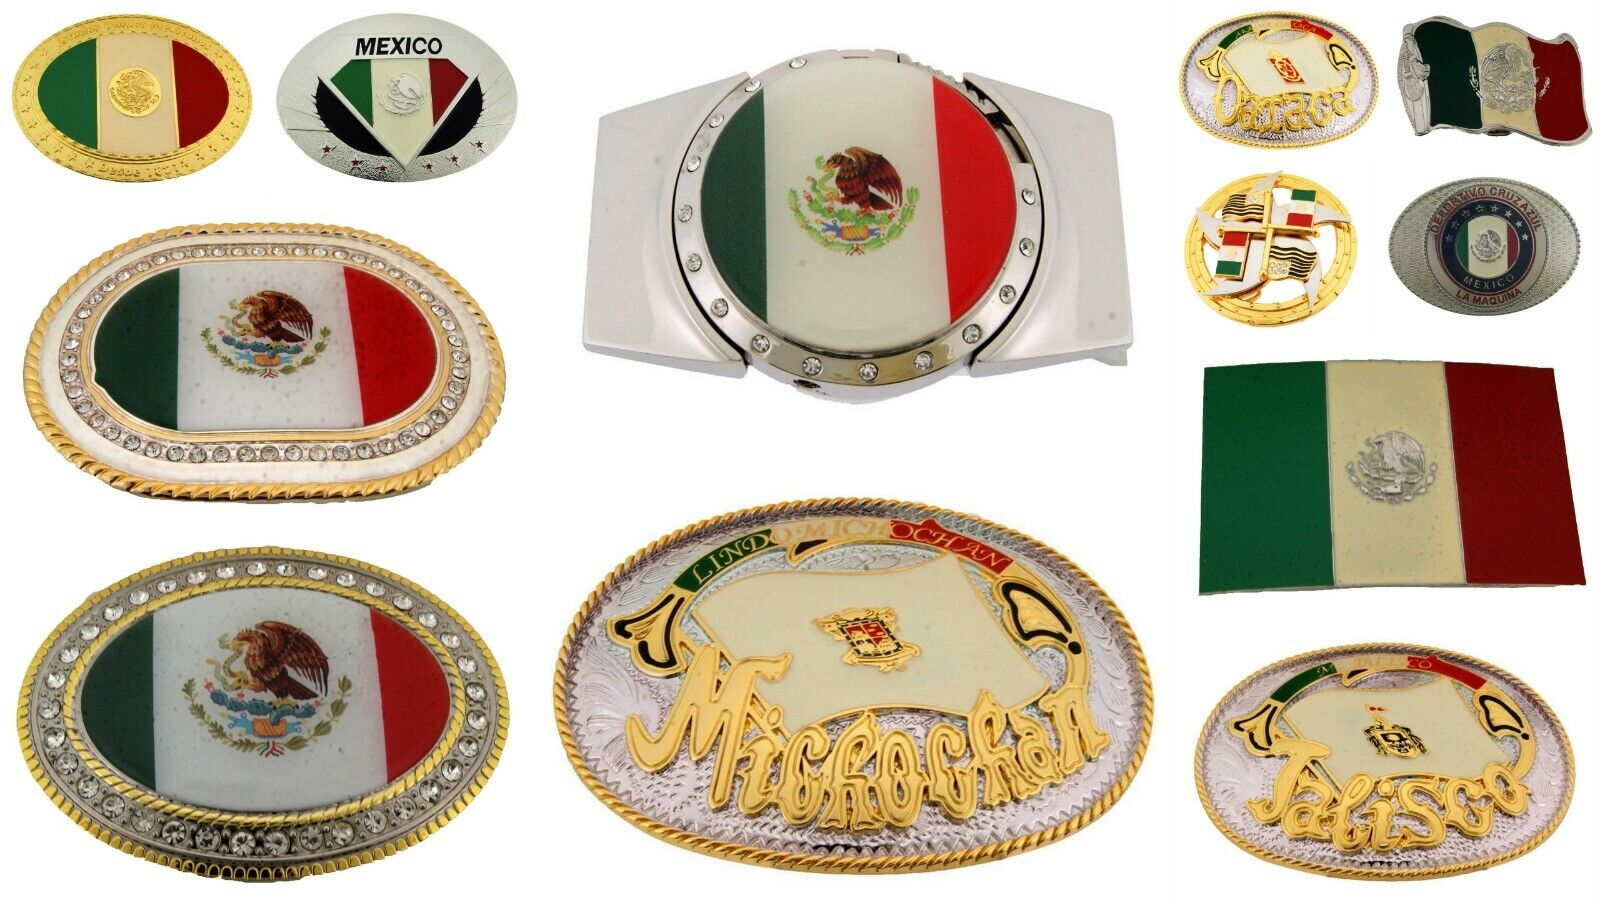 12 Teile Großhandel Viel Gürtel Schnallen Aus Hecho En Mexico Mexikanisch Flagge